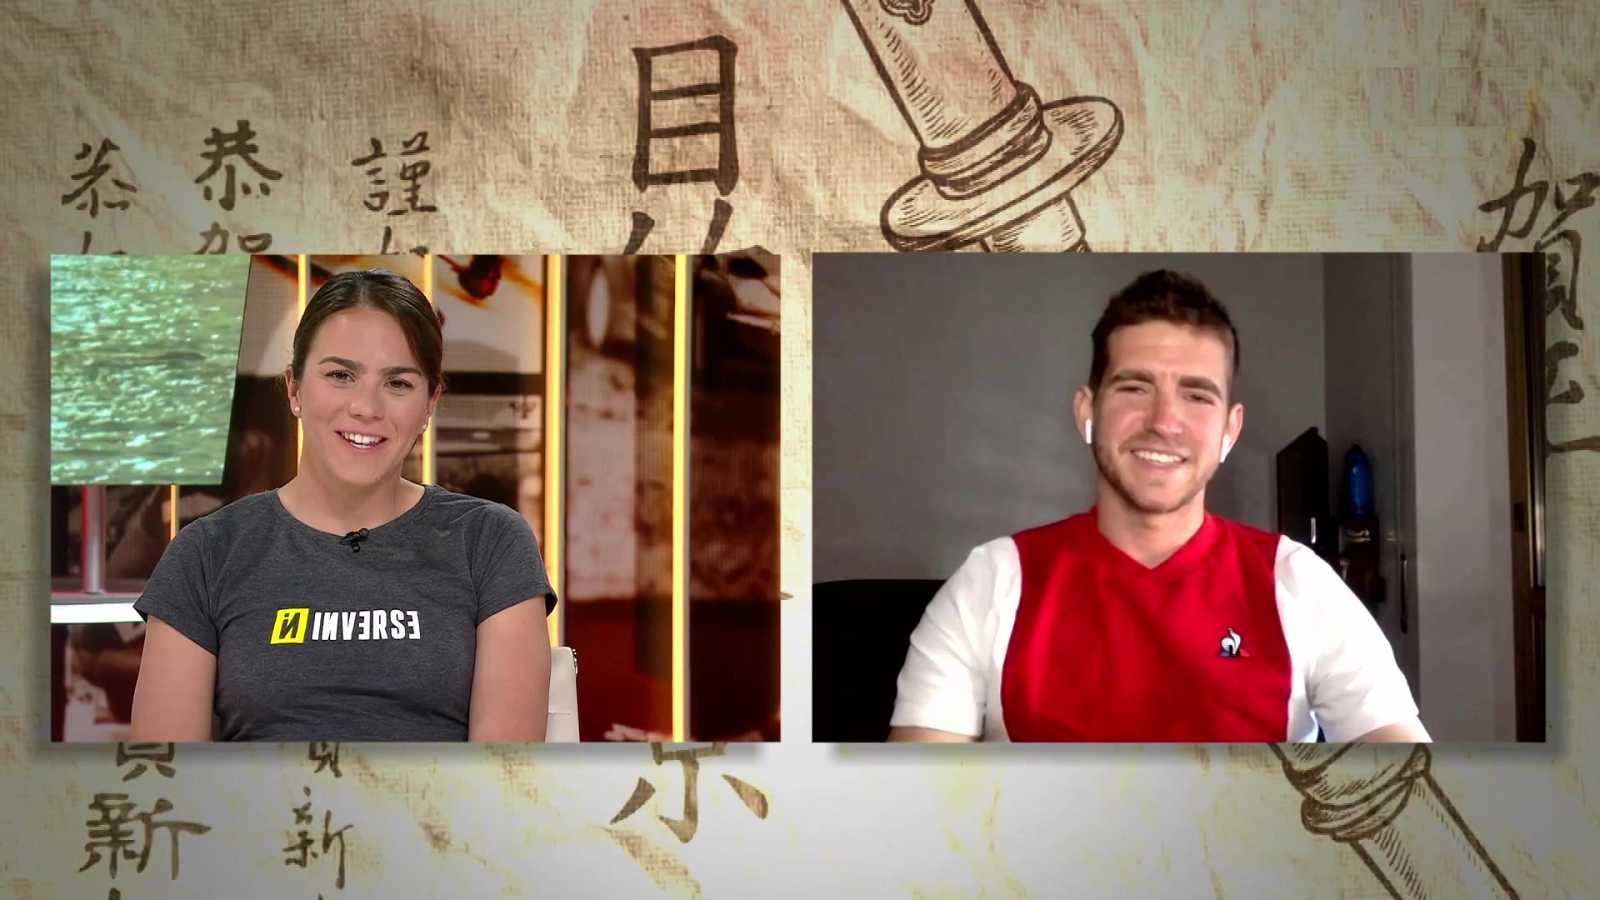 Objetivo Tokio - Programa 148: Anna Godoy, triatleta y Carlos Llavador, tirador - ver ahora